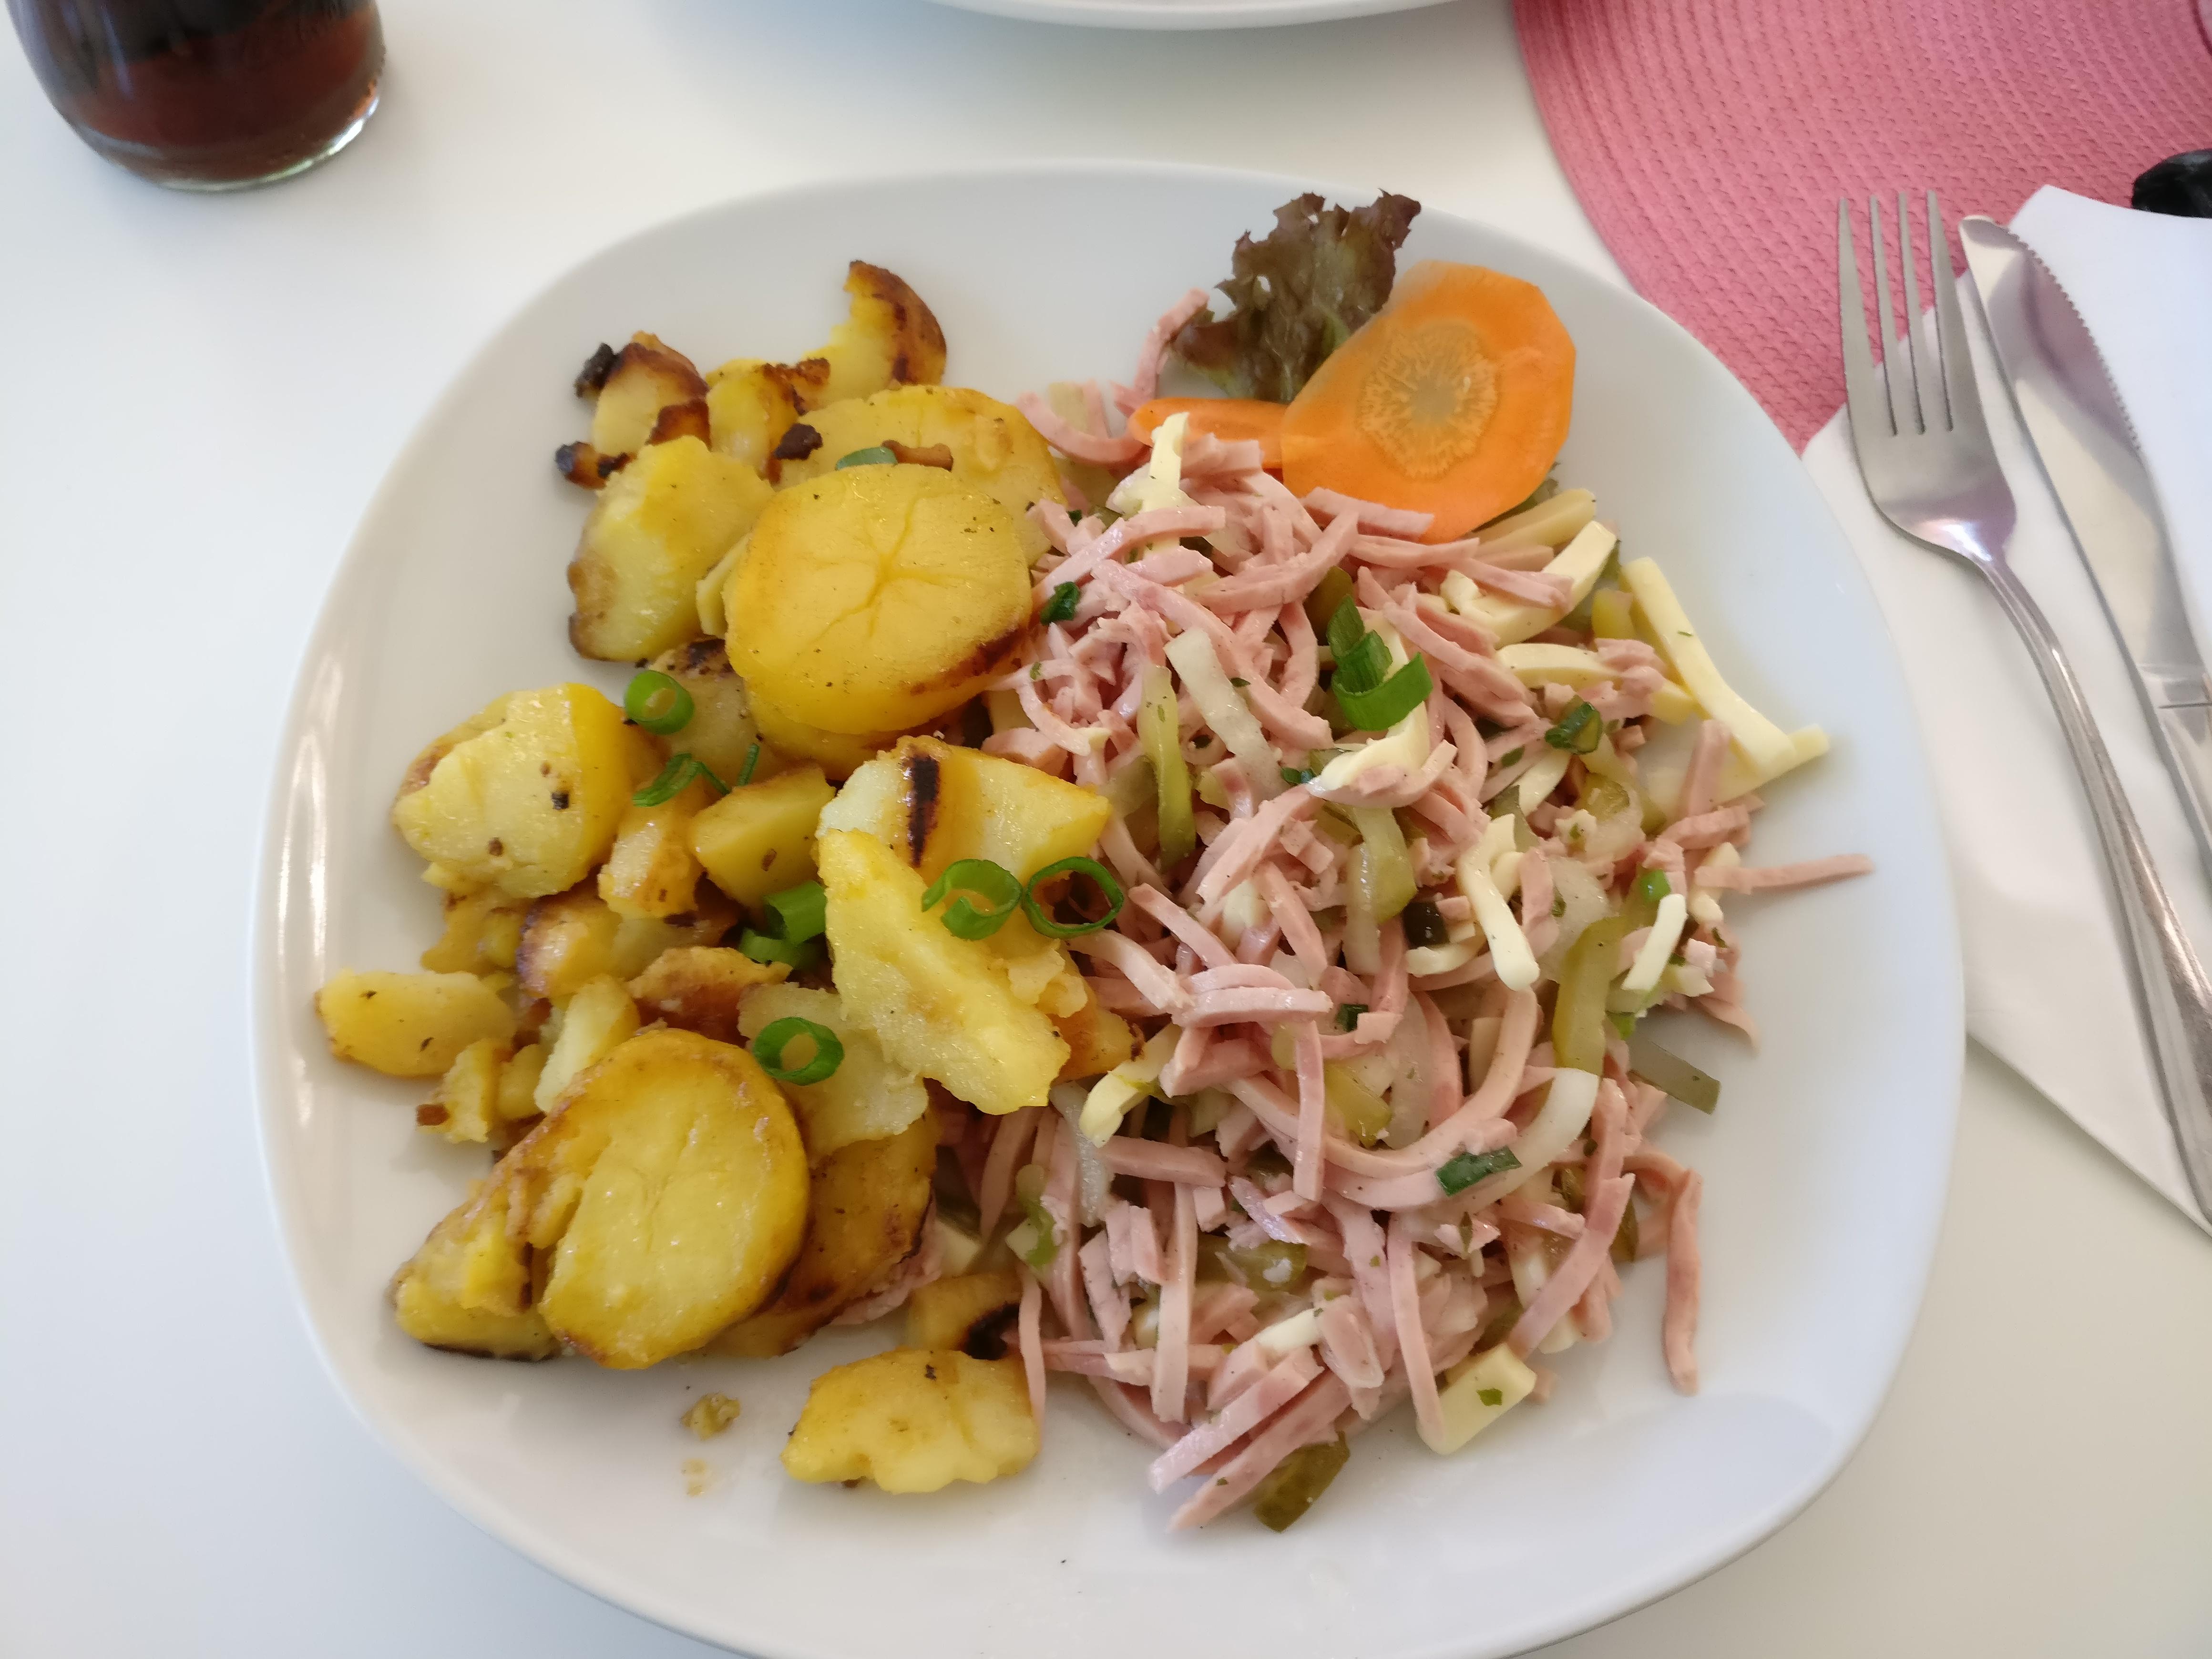 http://foodloader.net/nico_2017-05-17_schweizer-wurstsalat-mit-bratkartoffeln.jpg